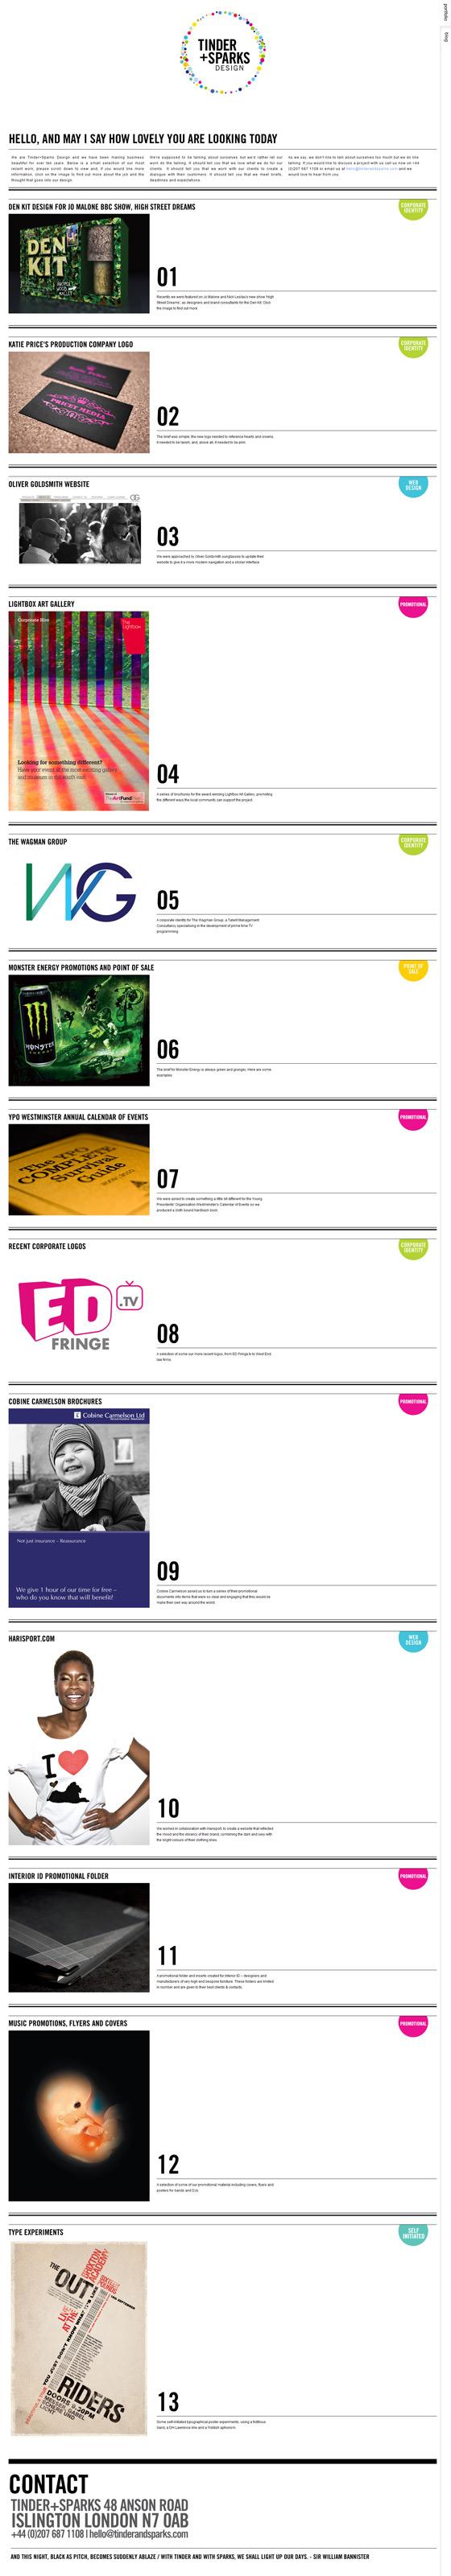 Tinder + Sparks | Web Design